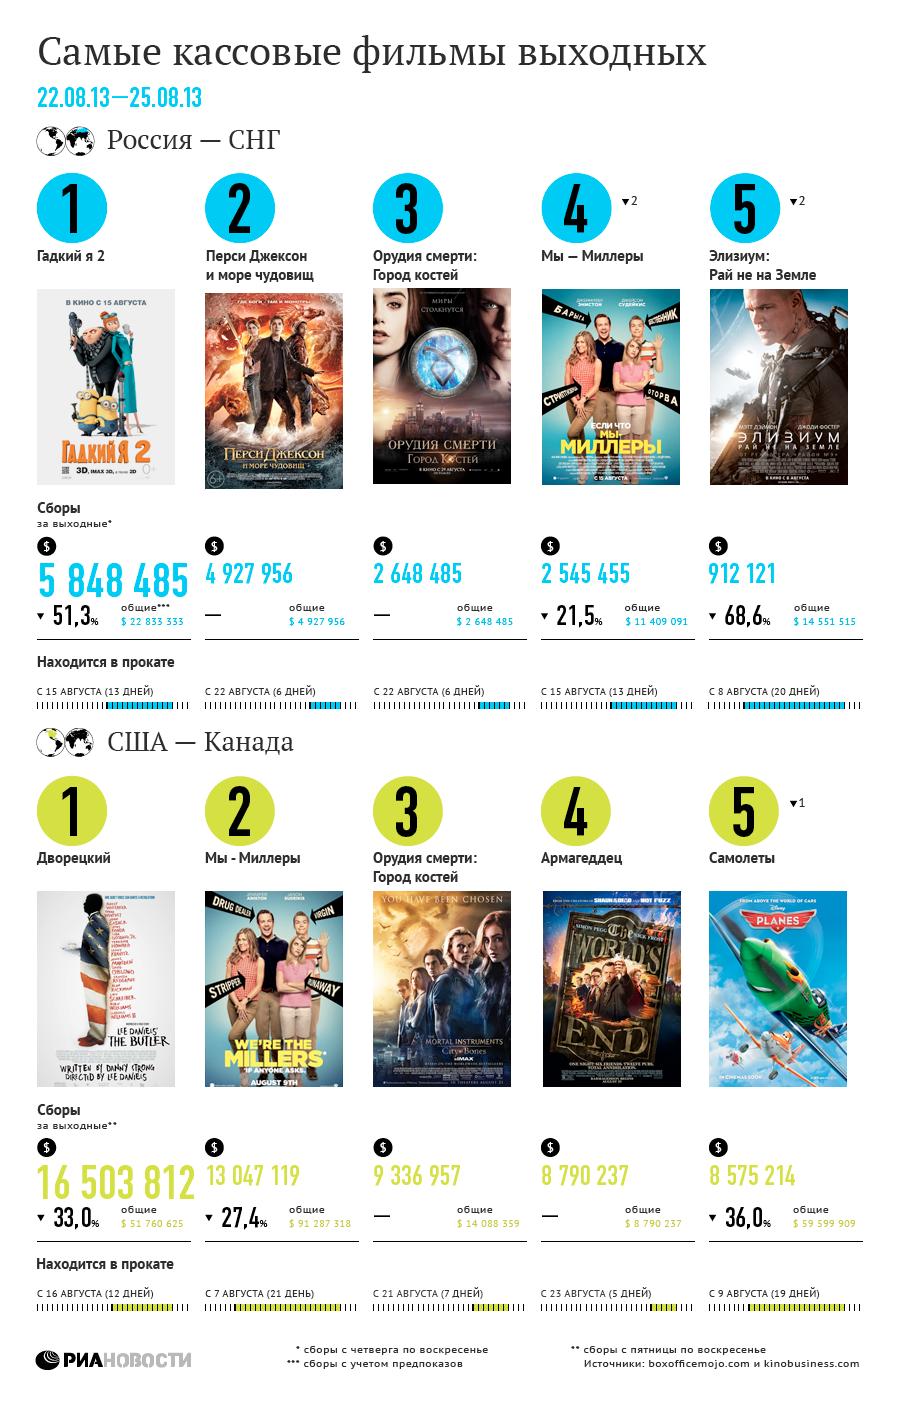 Самые кассовые фильмы выходных (22-25 августа)